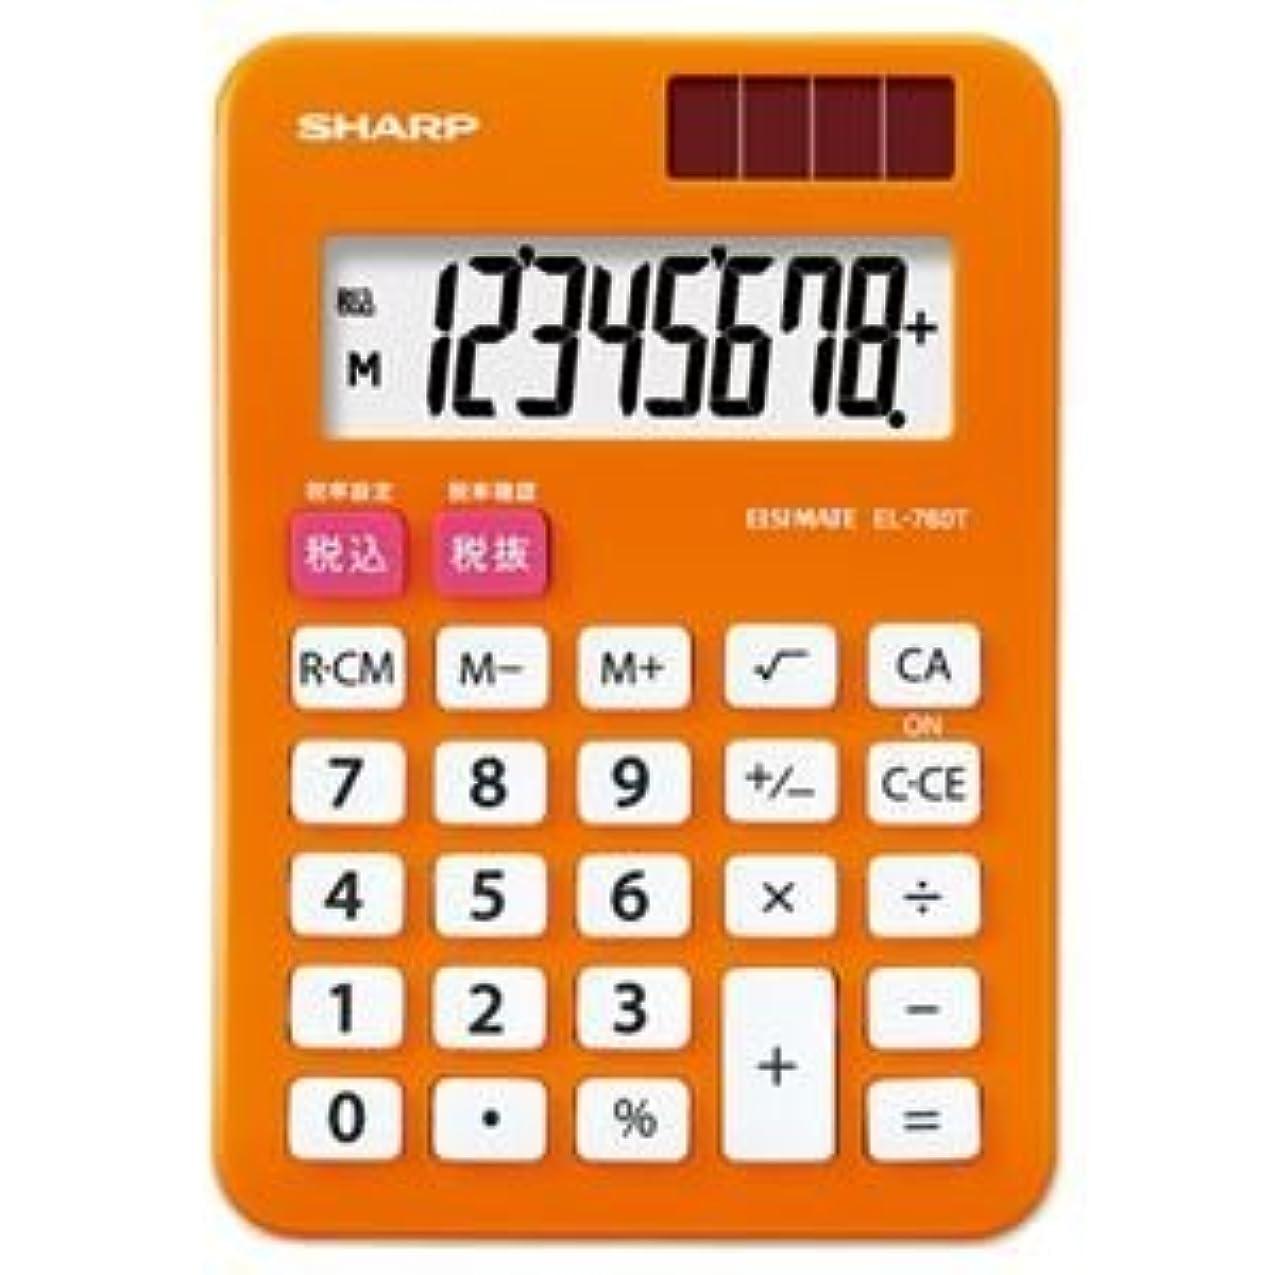 アマチュア快適徐々に(まとめ) シャープ SHARP カラー電卓 8桁 ミニミニナイスサイズ パンプキンオレンジ EL-760T-DX 1台 【×5セット】 ds-1574821